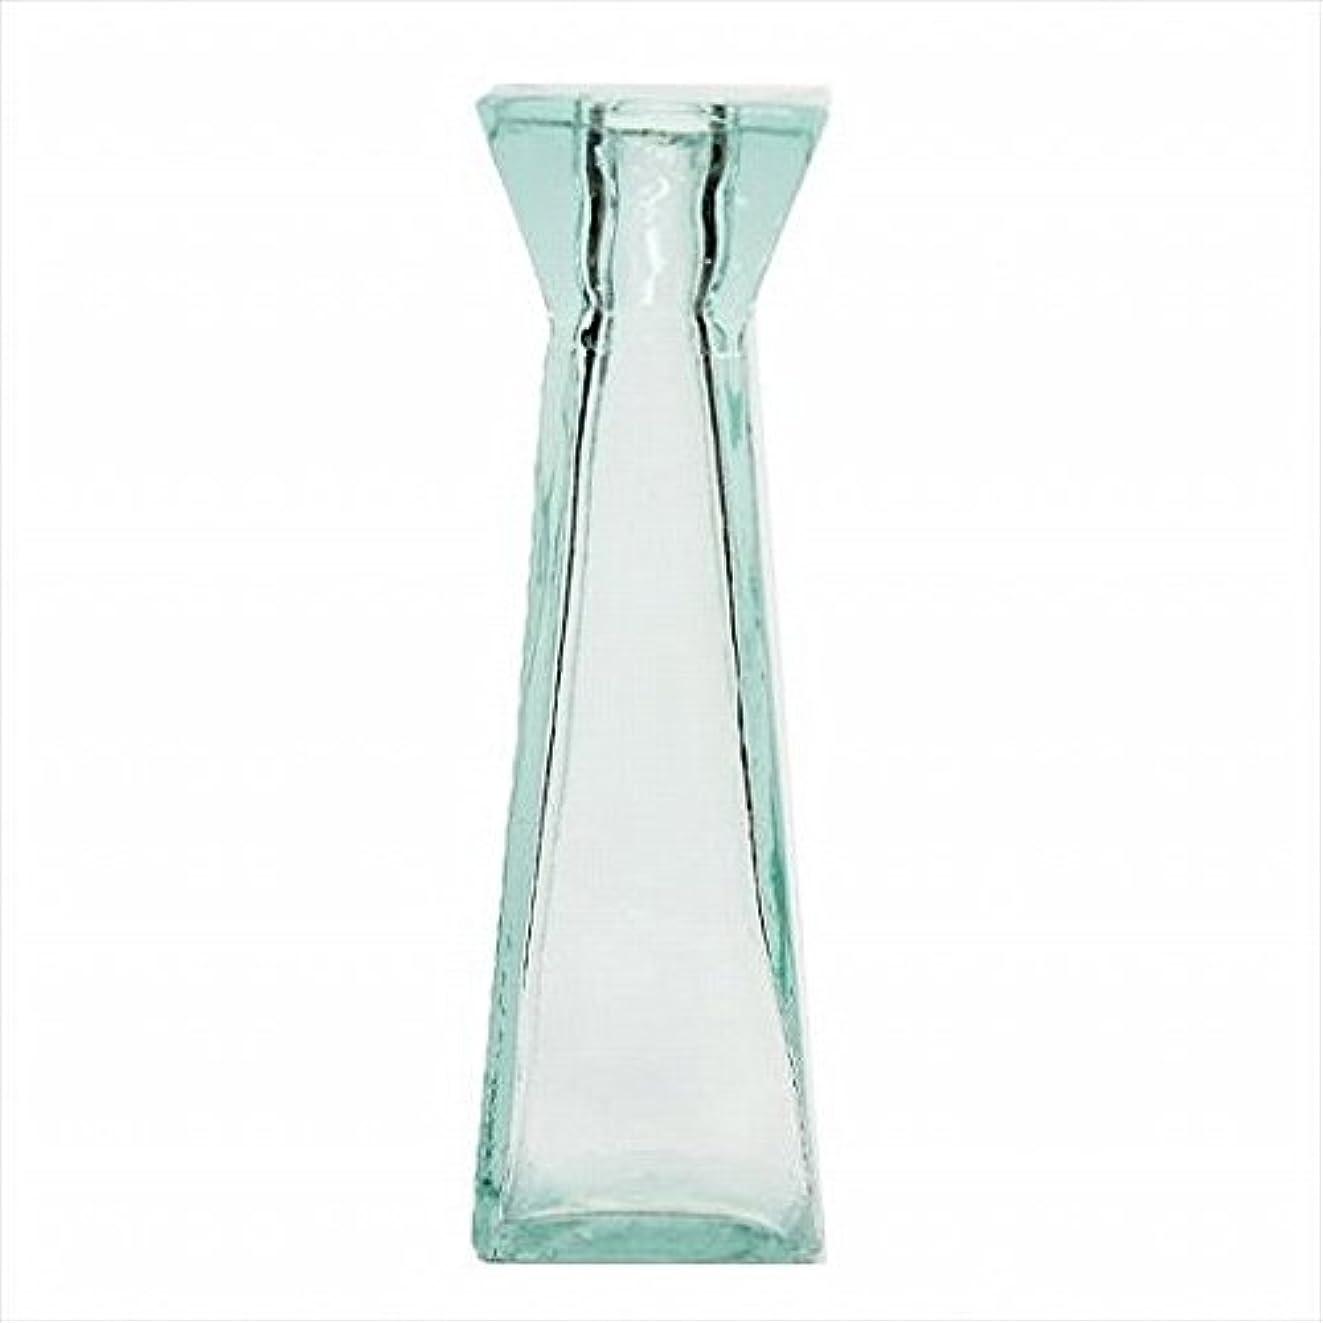 不注意別れる悔い改めるkameyama candle(カメヤマキャンドル) オリオンS キャンドル 45x45x150mm (J4010000)